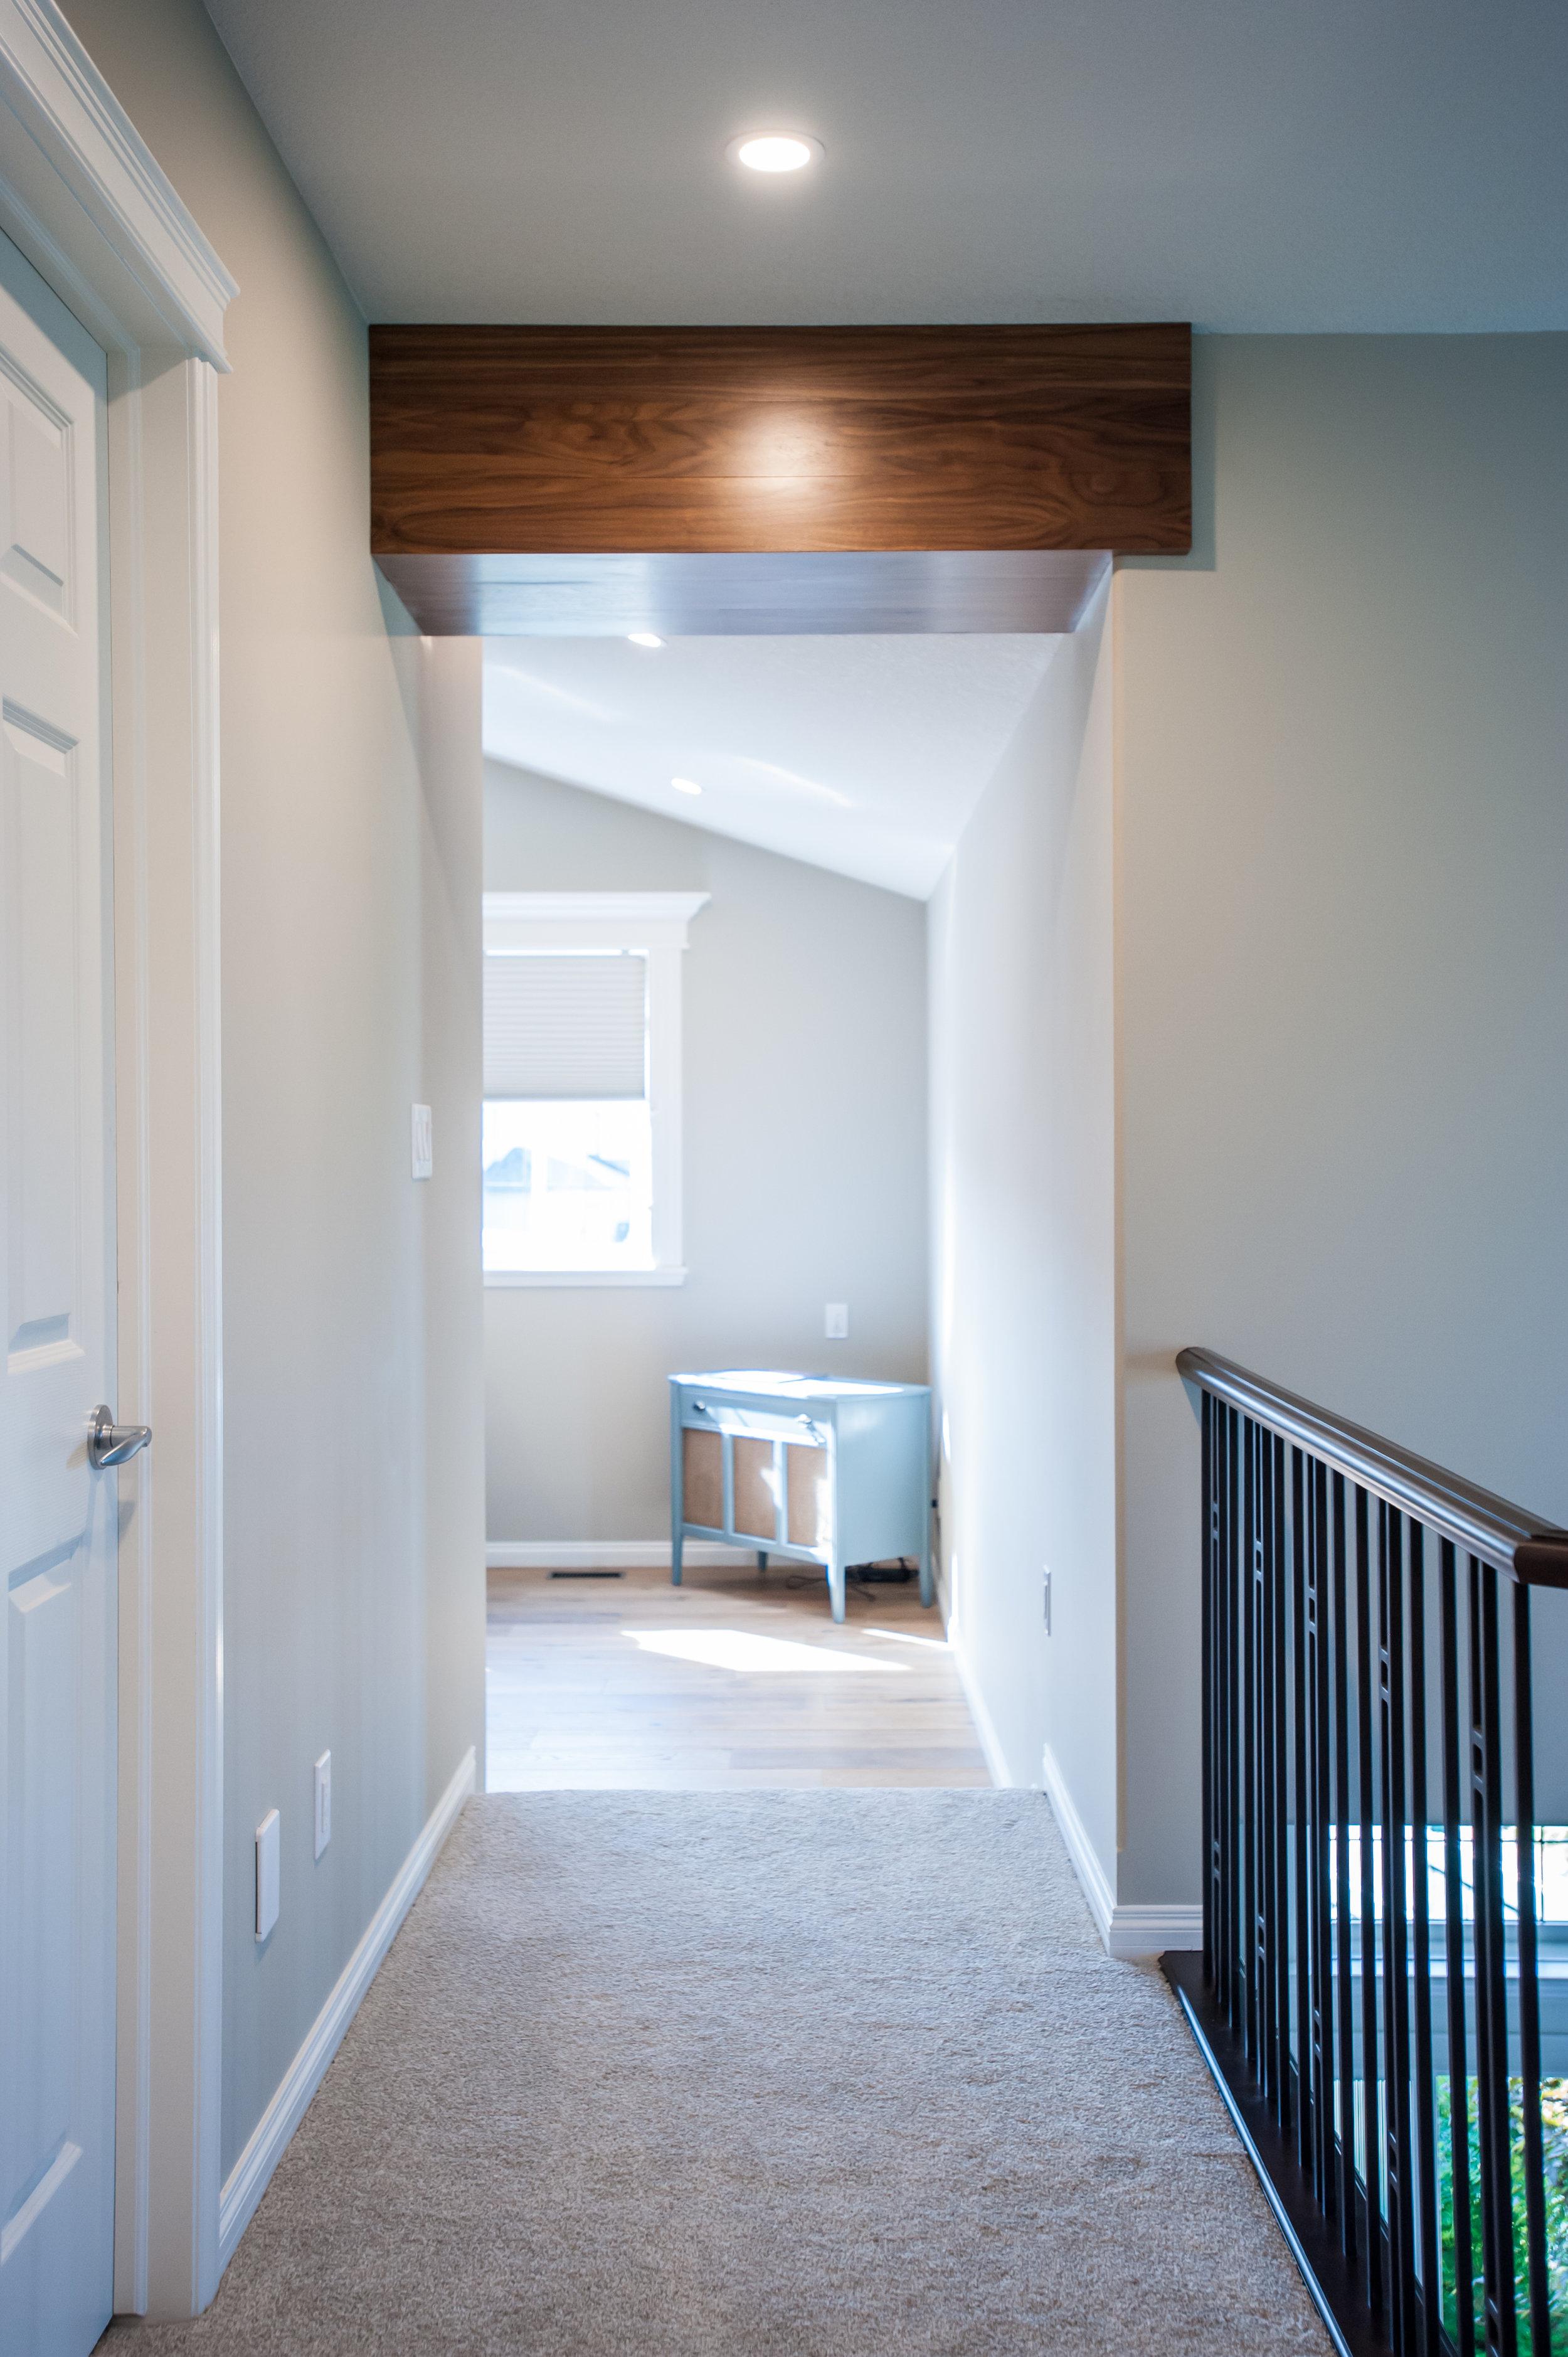 walnut_beam_bonus_room_hallway_renovation